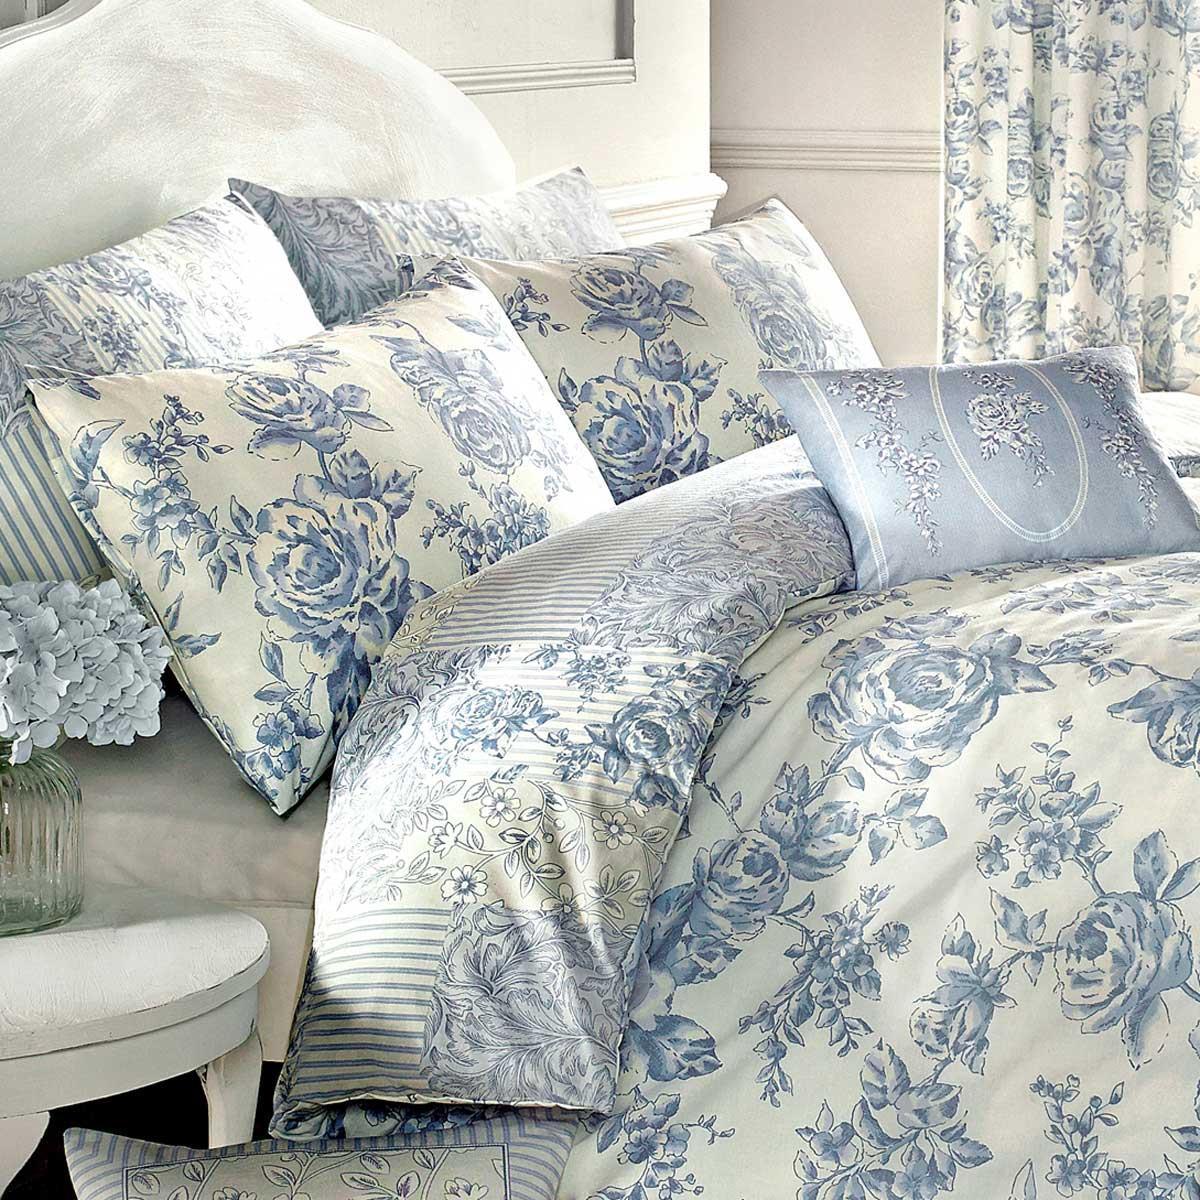 Fundas-de-edredon-azul-con-motivos-florales-Patchwork-Toile-pais-Edredon-Cubierta-de-Lujo-sistemas miniatura 12